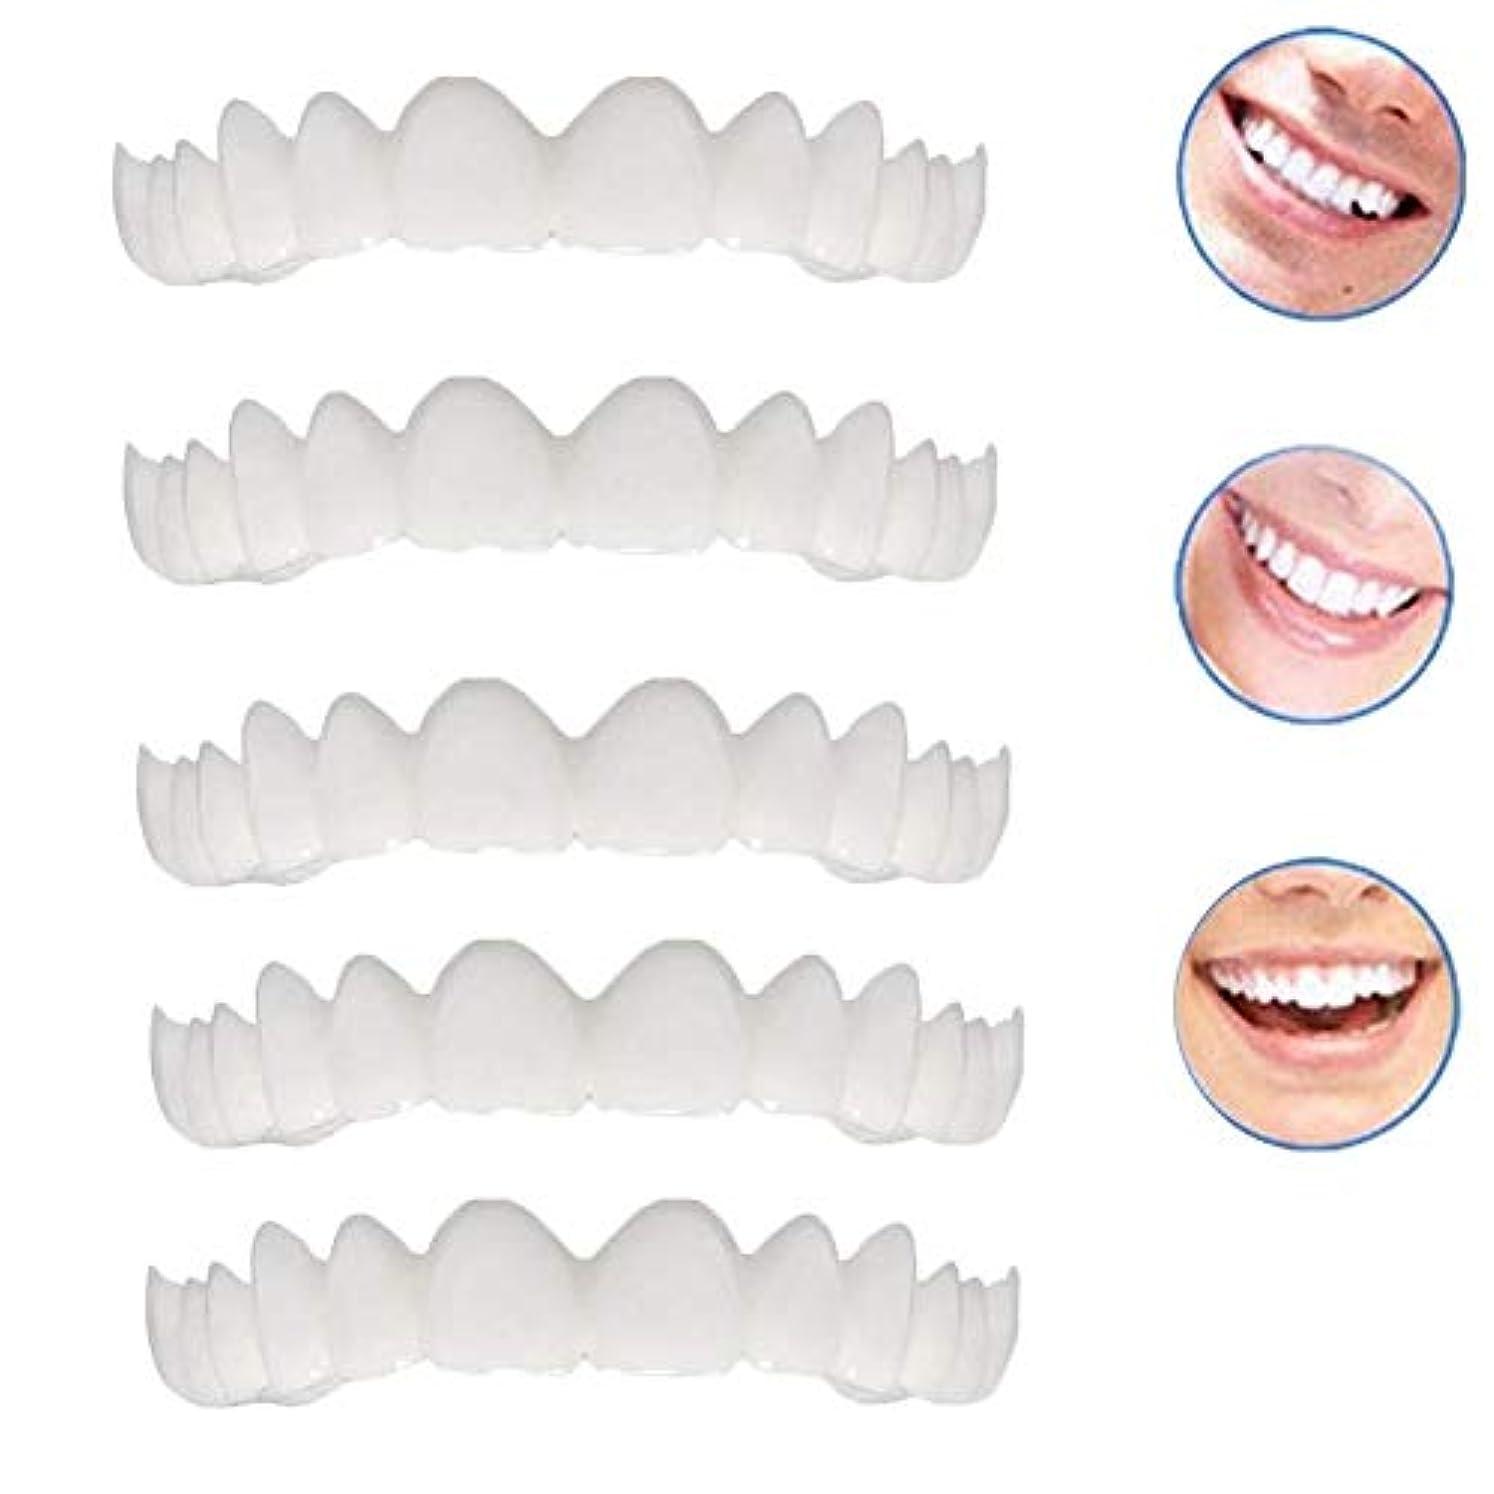 複製するライム思われる2本の偽のベニヤ修正歯のトップホワイトニング化粧品義歯修正のための悪い歯のための新しいプロの笑顔のベニヤ